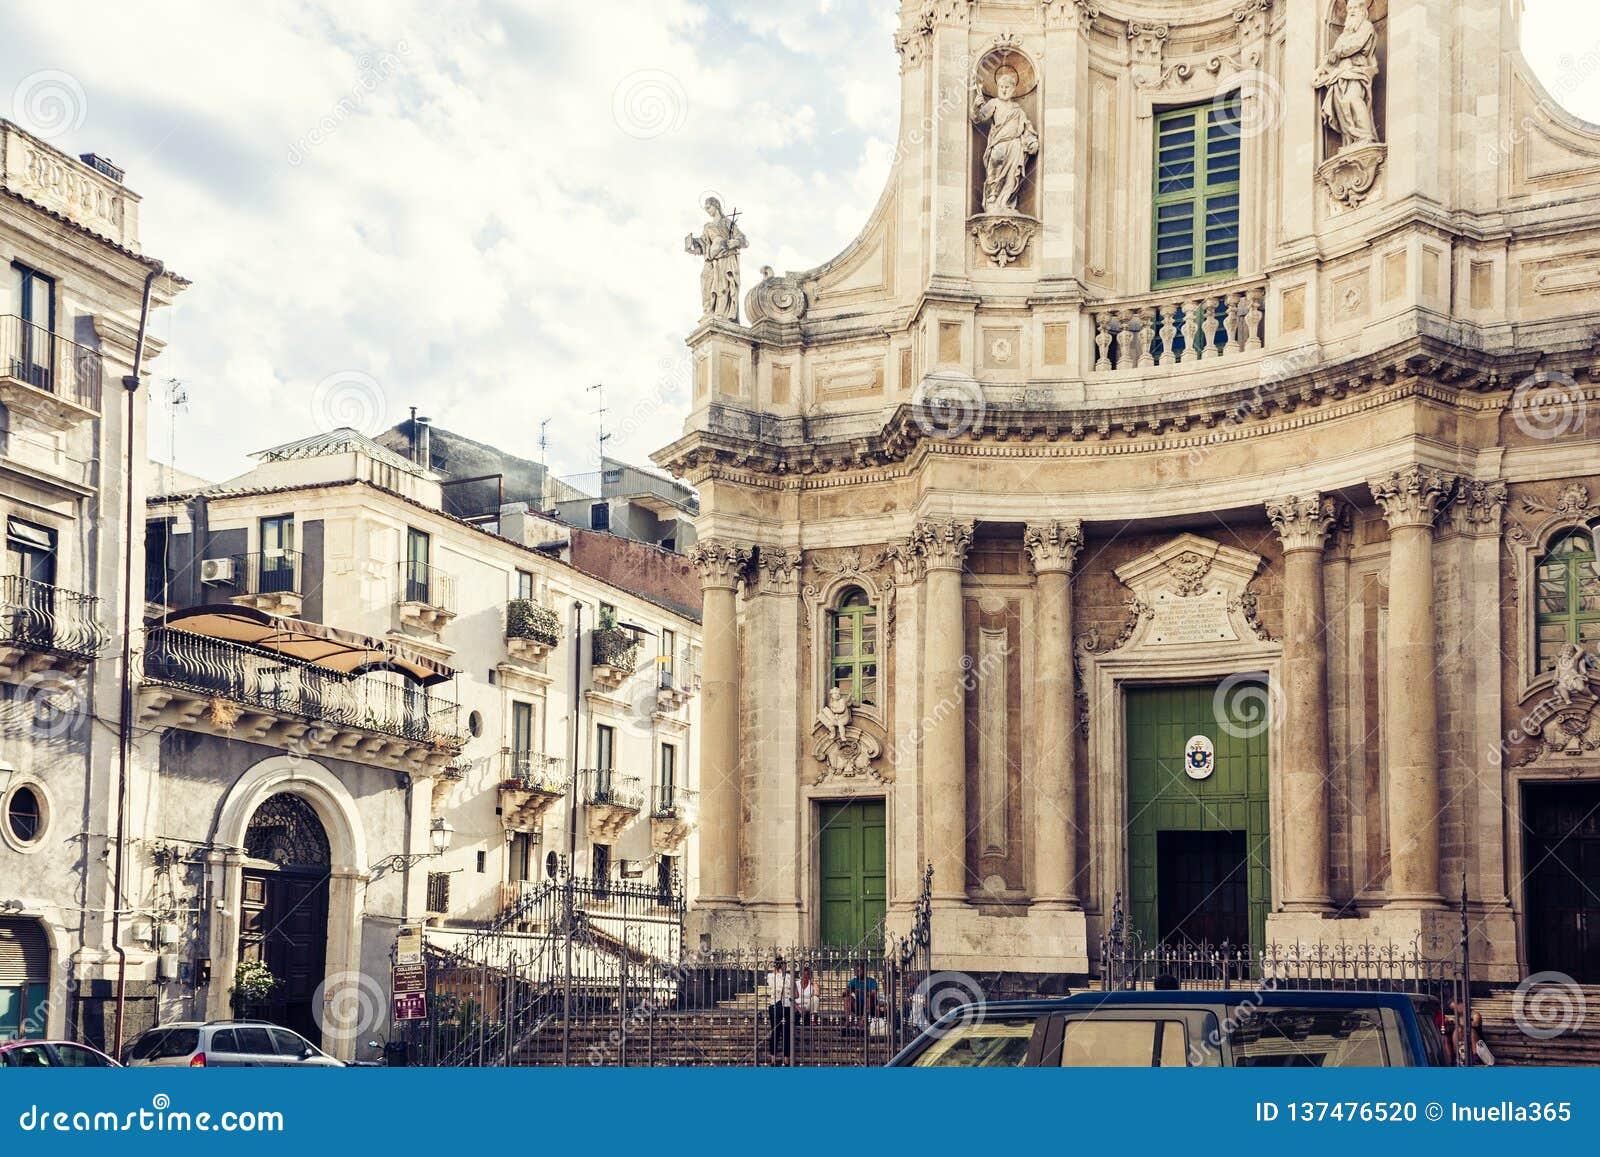 Όμορφη εικονική παράσταση πόλης της Ιταλίας, πρόσοψη του παλαιού καθεδρικού ναού Κατάνια, Σικελία, Ιταλία, della Collegiata βασιλ